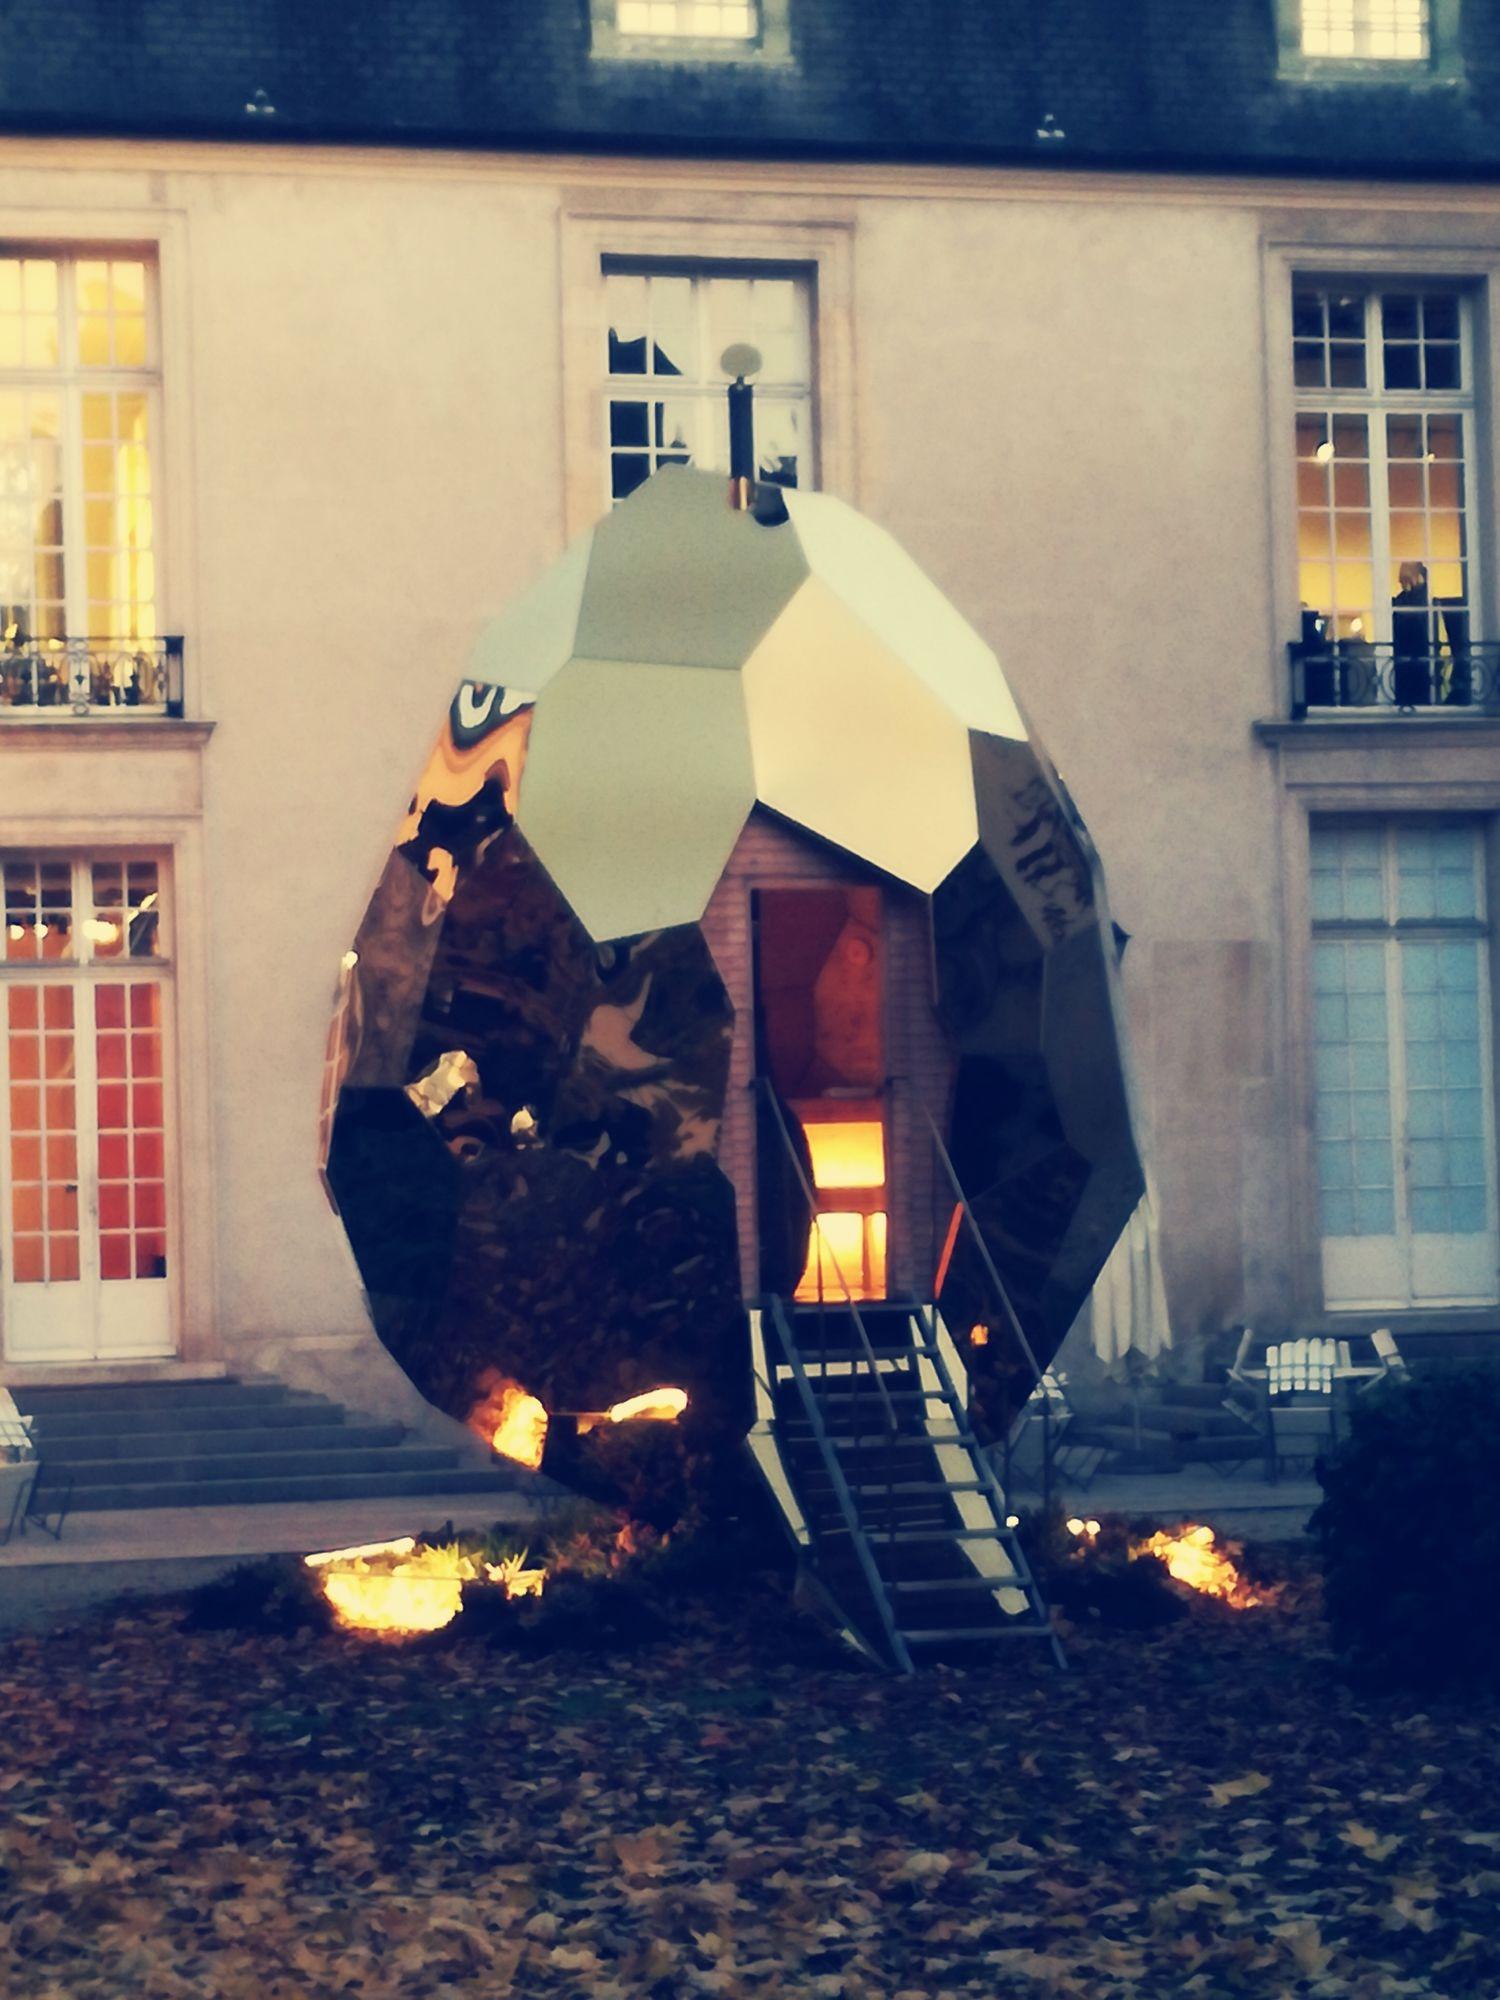 SOLAR EGG BY BIGERT & BERGSTRÖM IN THE GARDEN AT THE INSTITUT SUEDOIS PARIS